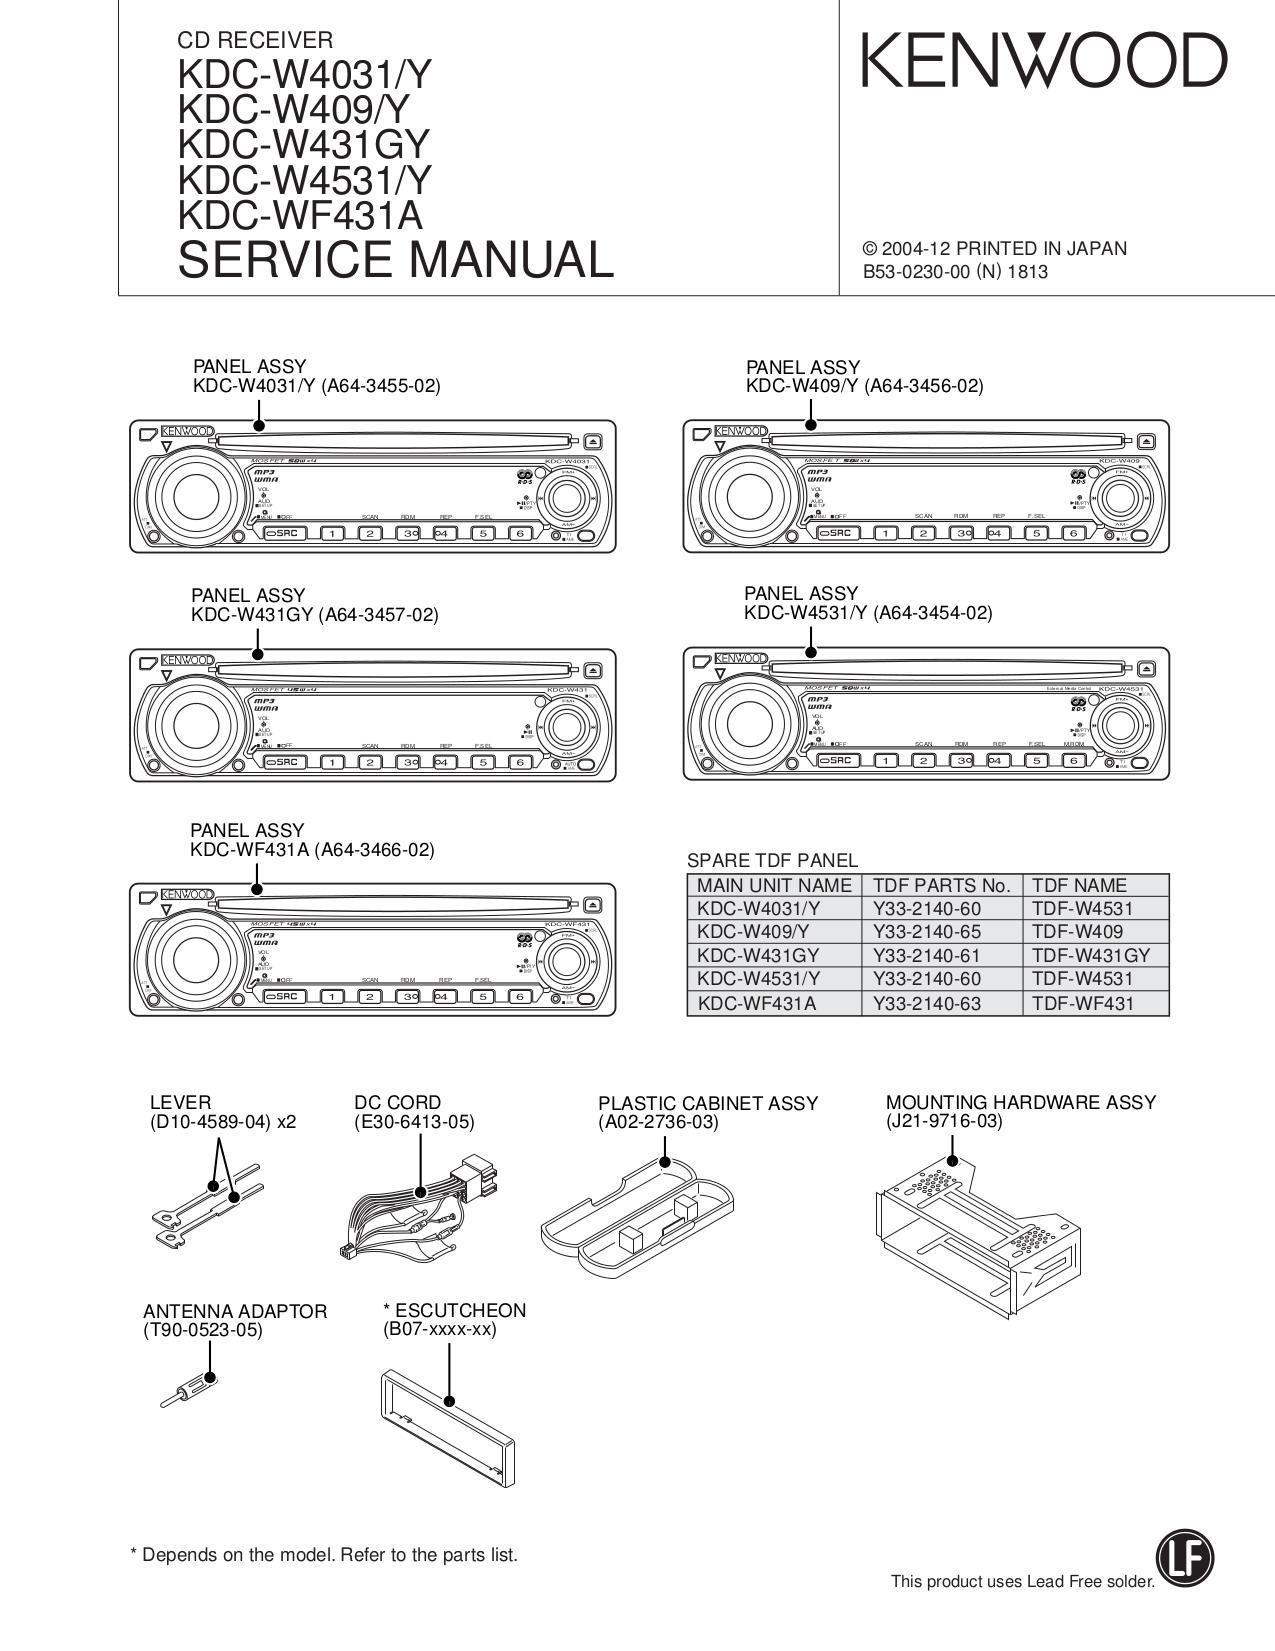 Download Free Pdf For Kenwood Kdc 83r Car Receiver Manual Mp4028 Wiring Diagram